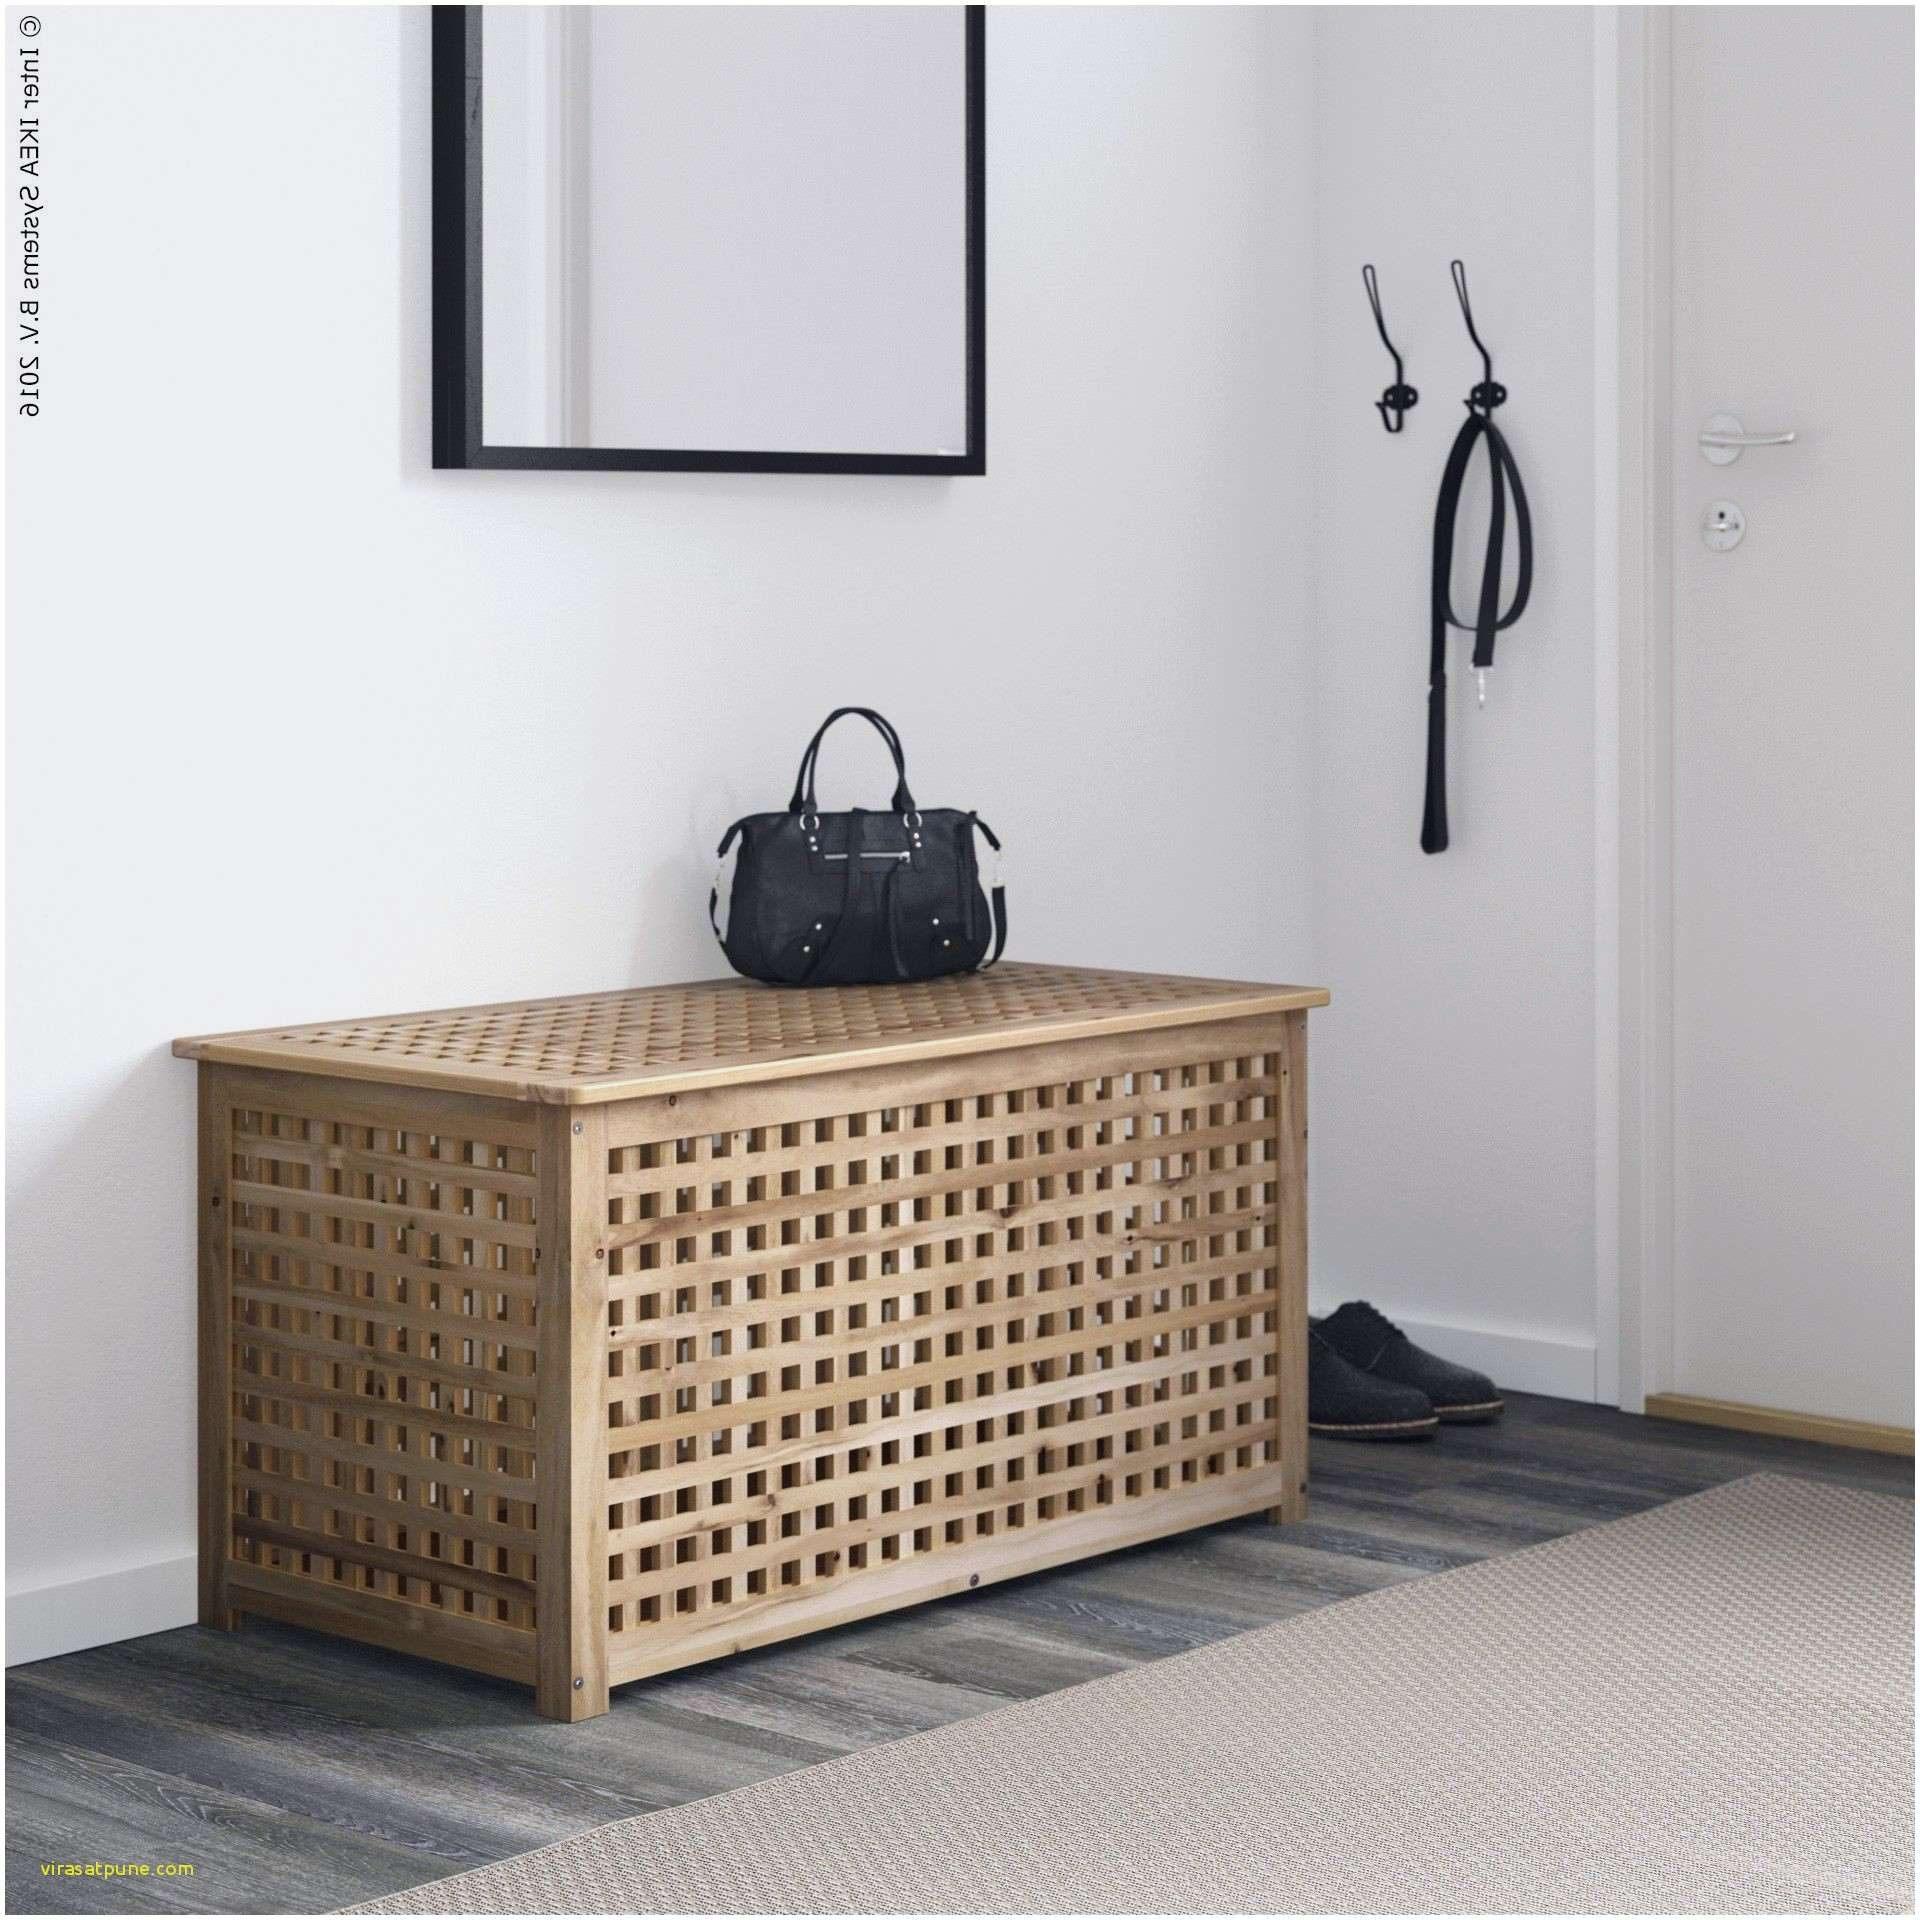 Lit D Appoint Ikea Nouveau Unique Table Relevable Ikea Luxe Lit Relevable Ikea Meilleur De